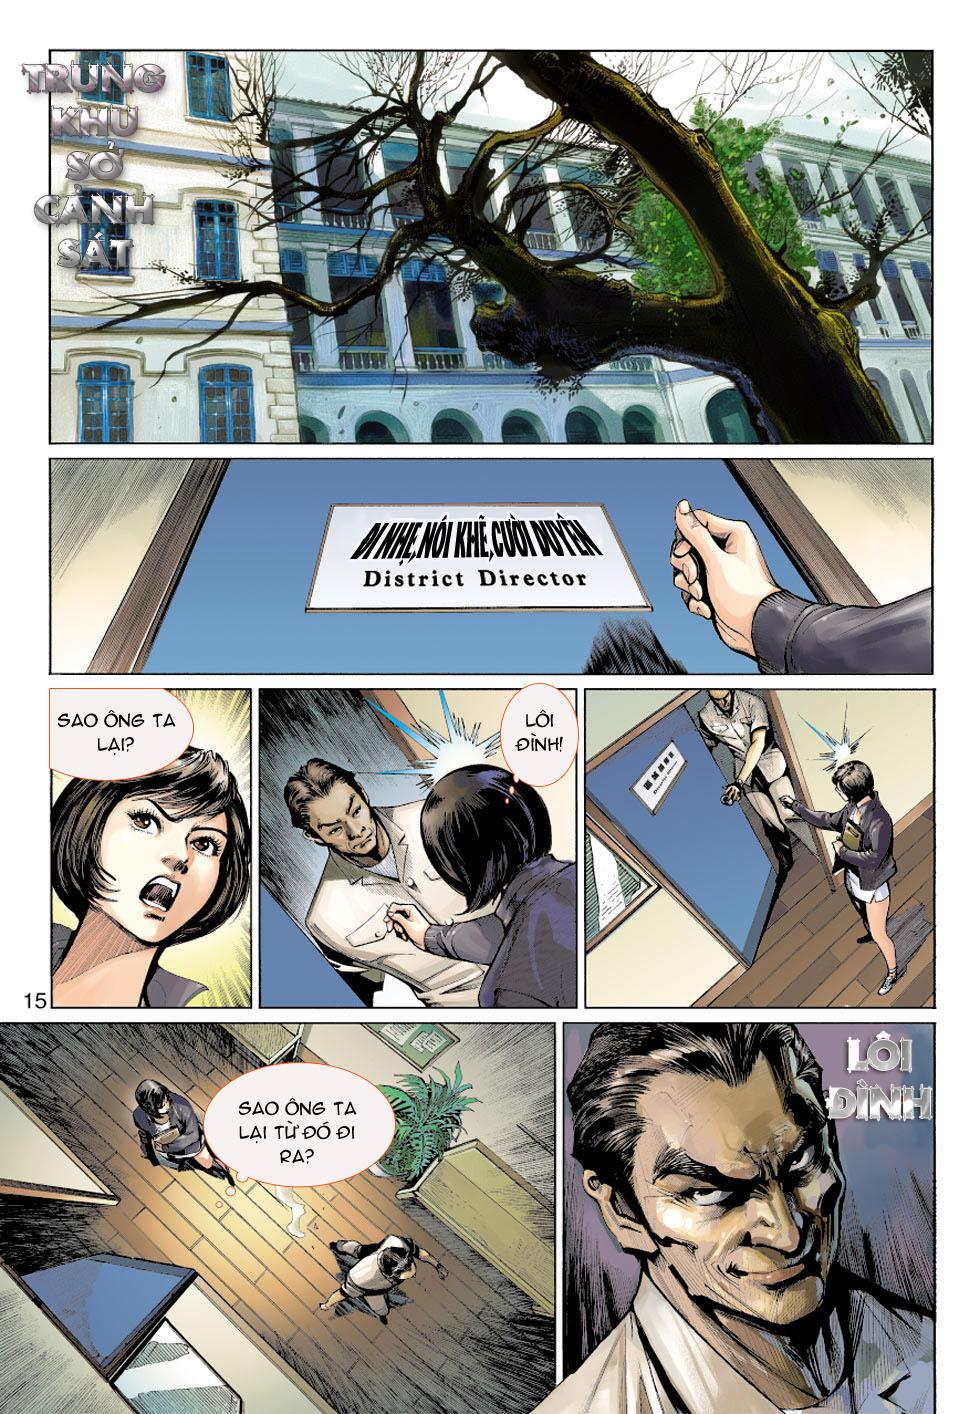 Thần Binh 4 chap 5 - Trang 15